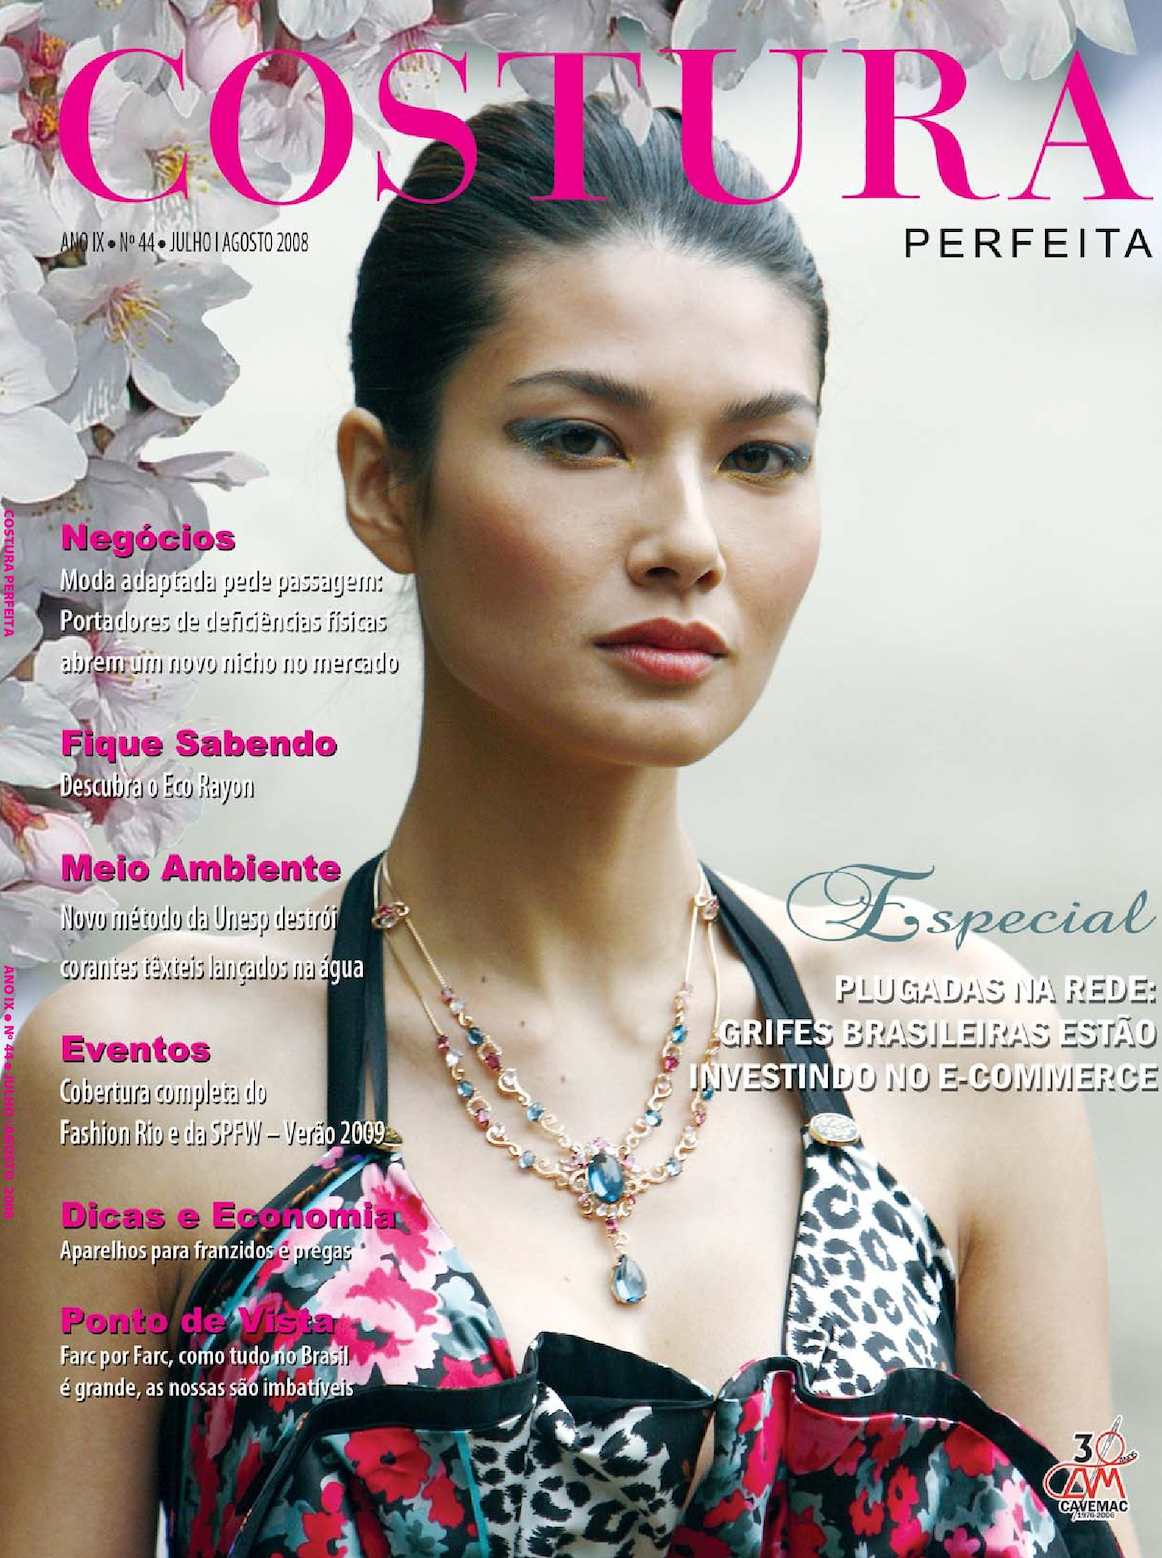 417b4e6d54 Calaméo - Revista Costura Perfeita Edição Ano IX - N44 Julho-Agosto 2008